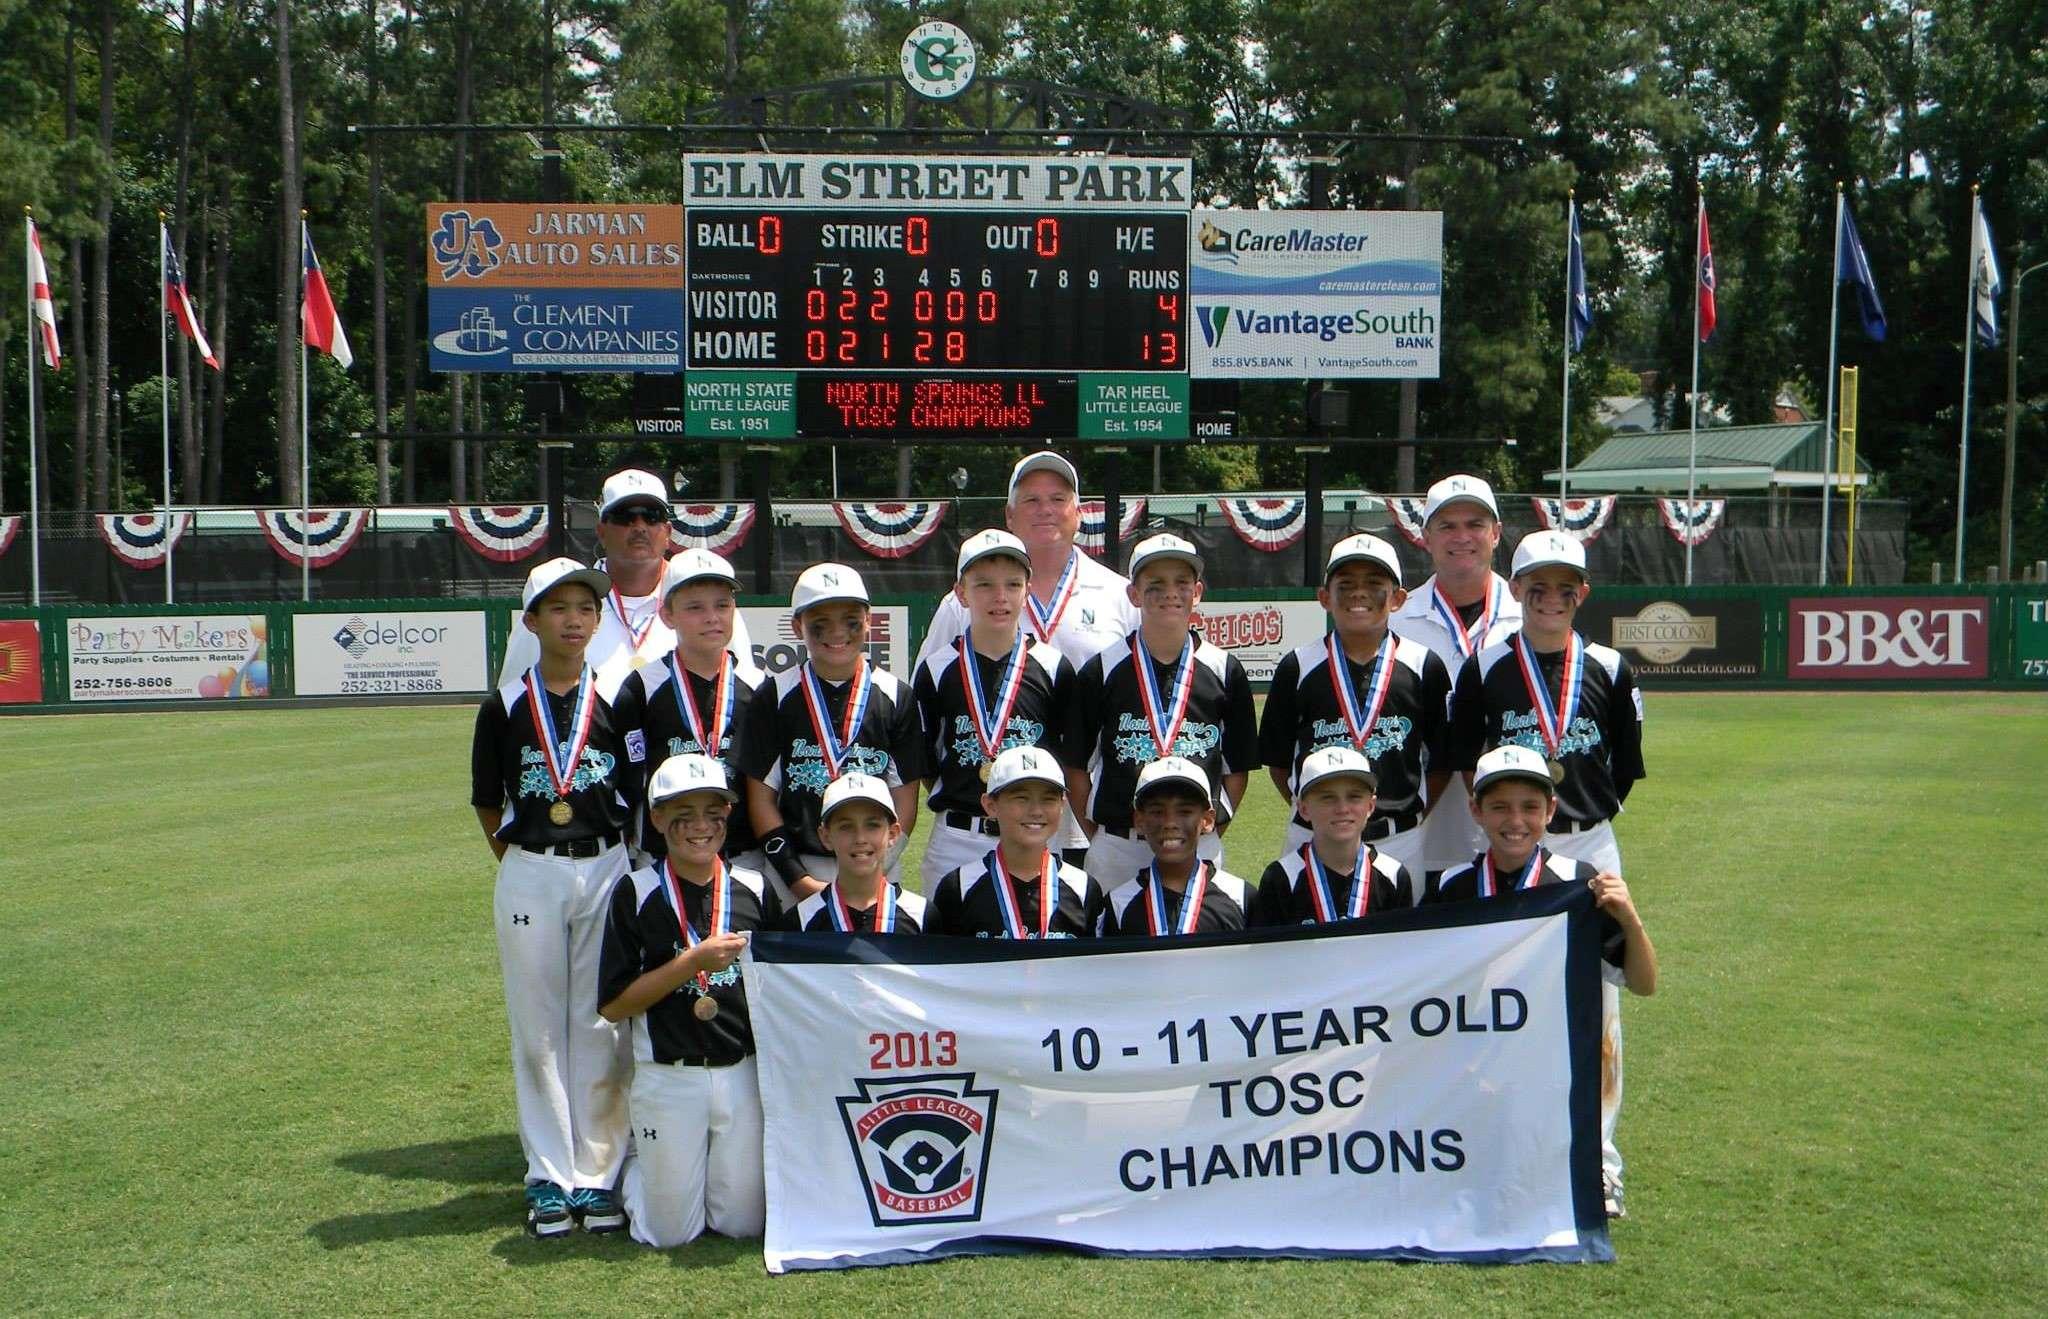 2013 champions